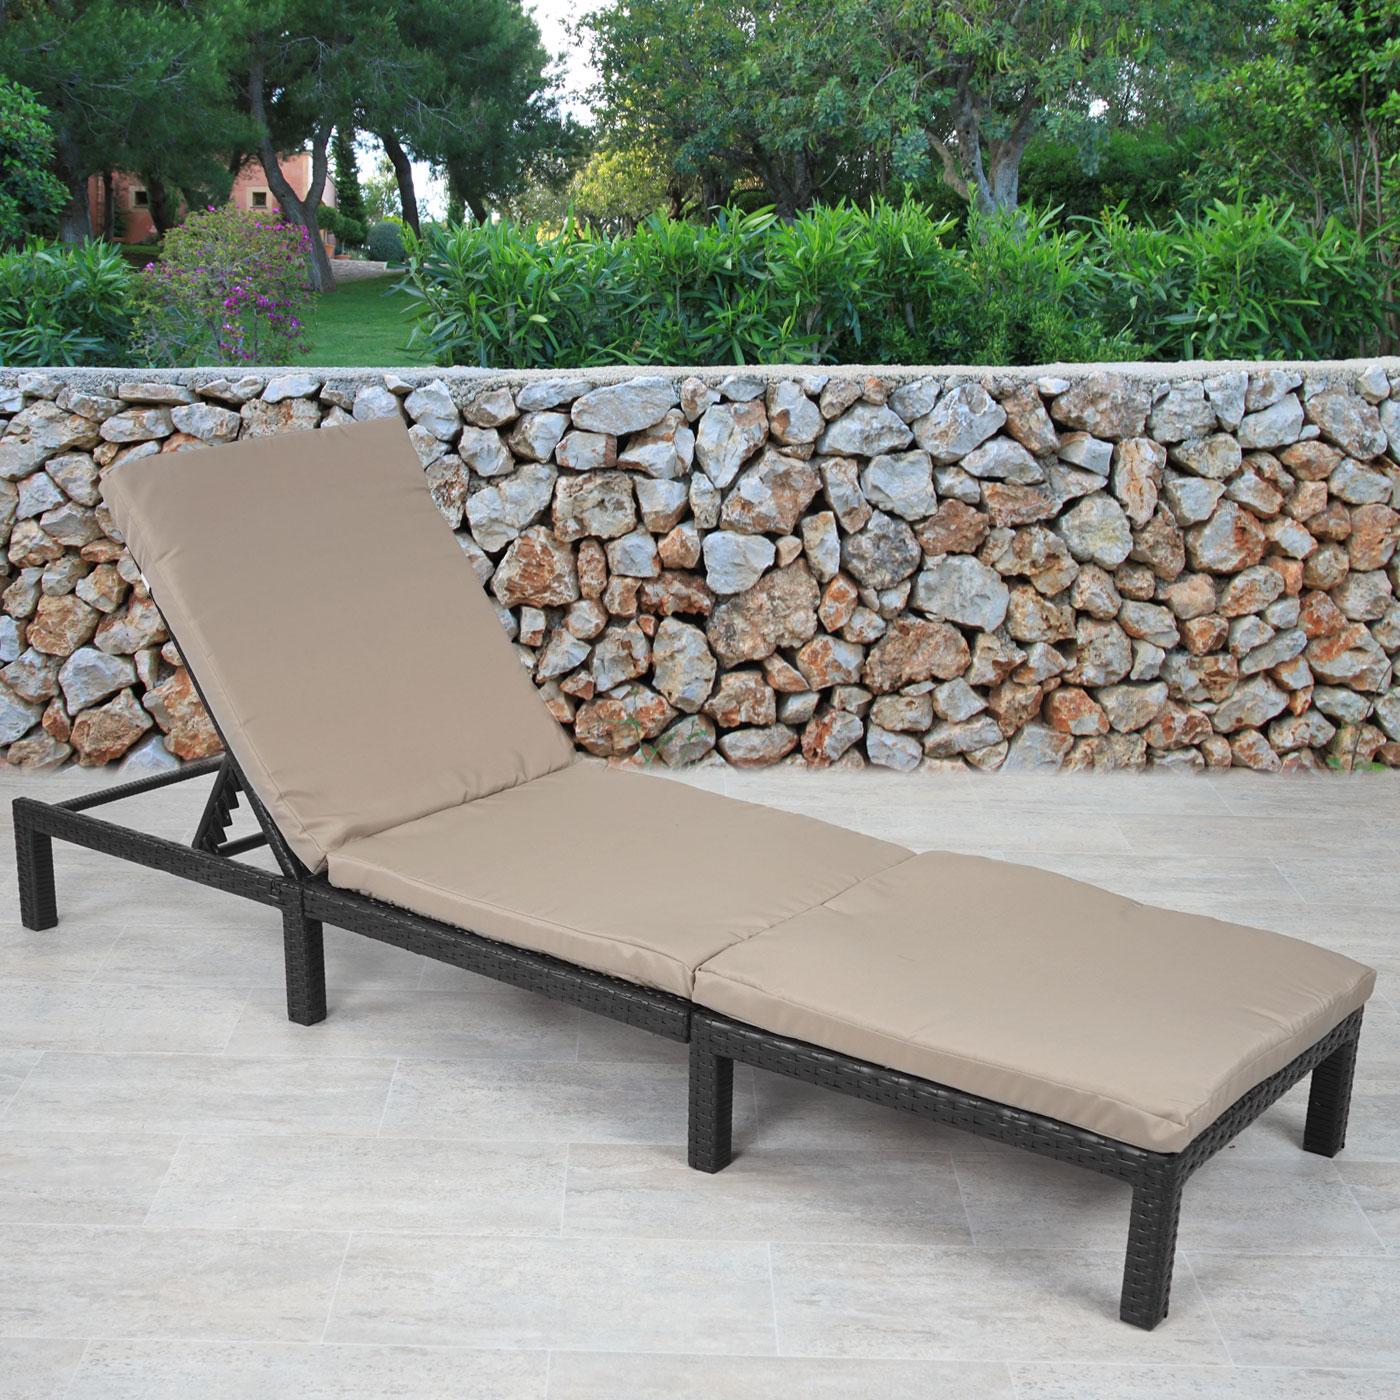 Poly-Rattan Sonnenliege MCW-A51, Relaxliege Gartenliege Liege ~ Basic anthrazit, Kissen creme